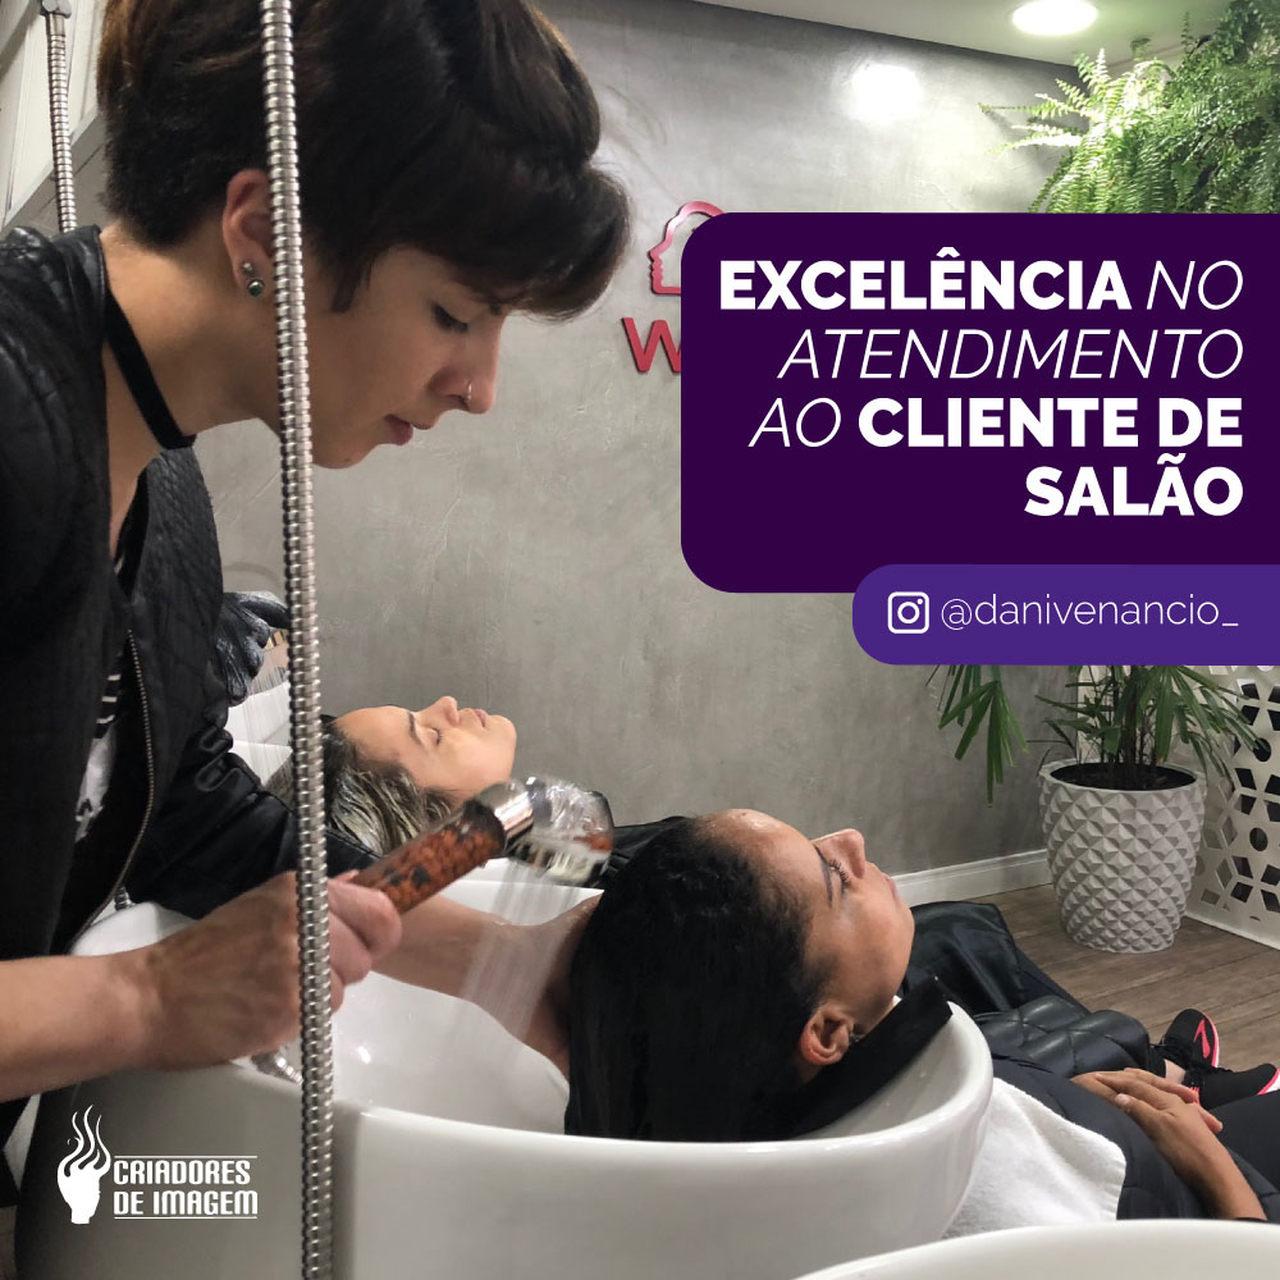 Aprenda dicas de sucesso para obter cada vez mais a excelência no atendimento ao cliente no salão de beleza, seja um Criador de Imagem!